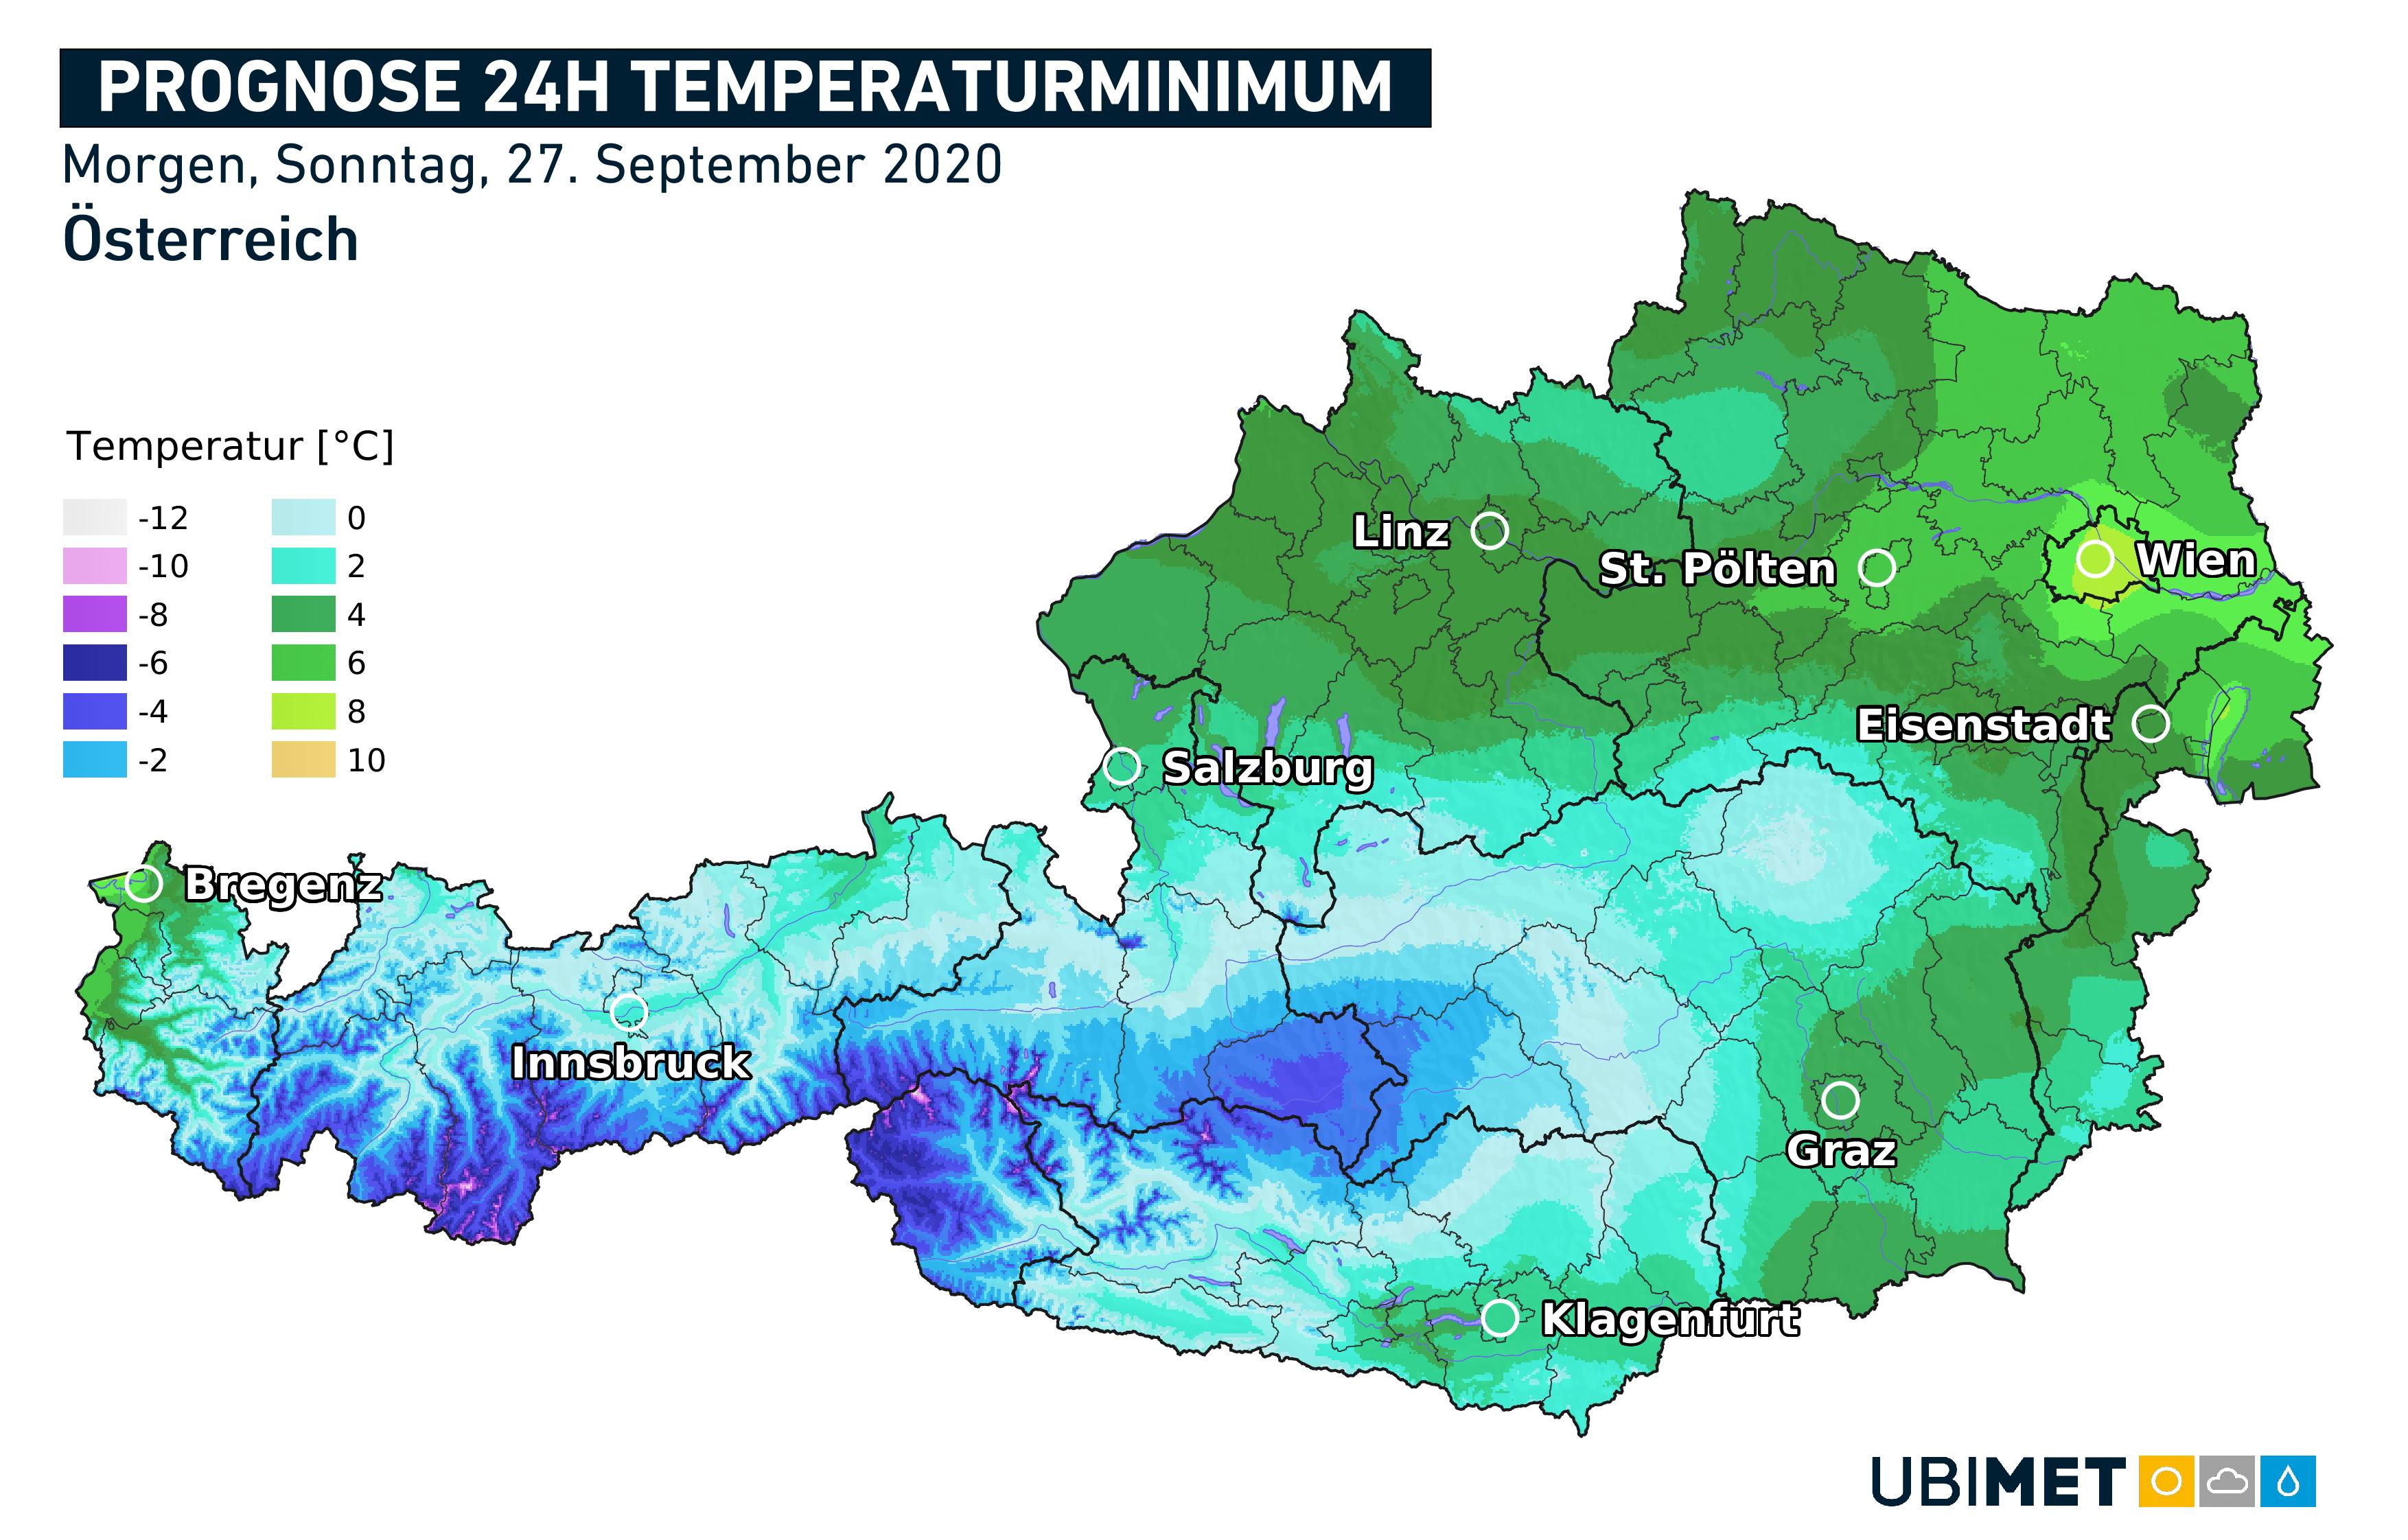 Leichter Frost in vielen Hochtälern der Alpen. (Karte: Tiefstwerte bis Sonntag 27, 8 Uhr MESZ. September 2020; Quelle: UBIMET)